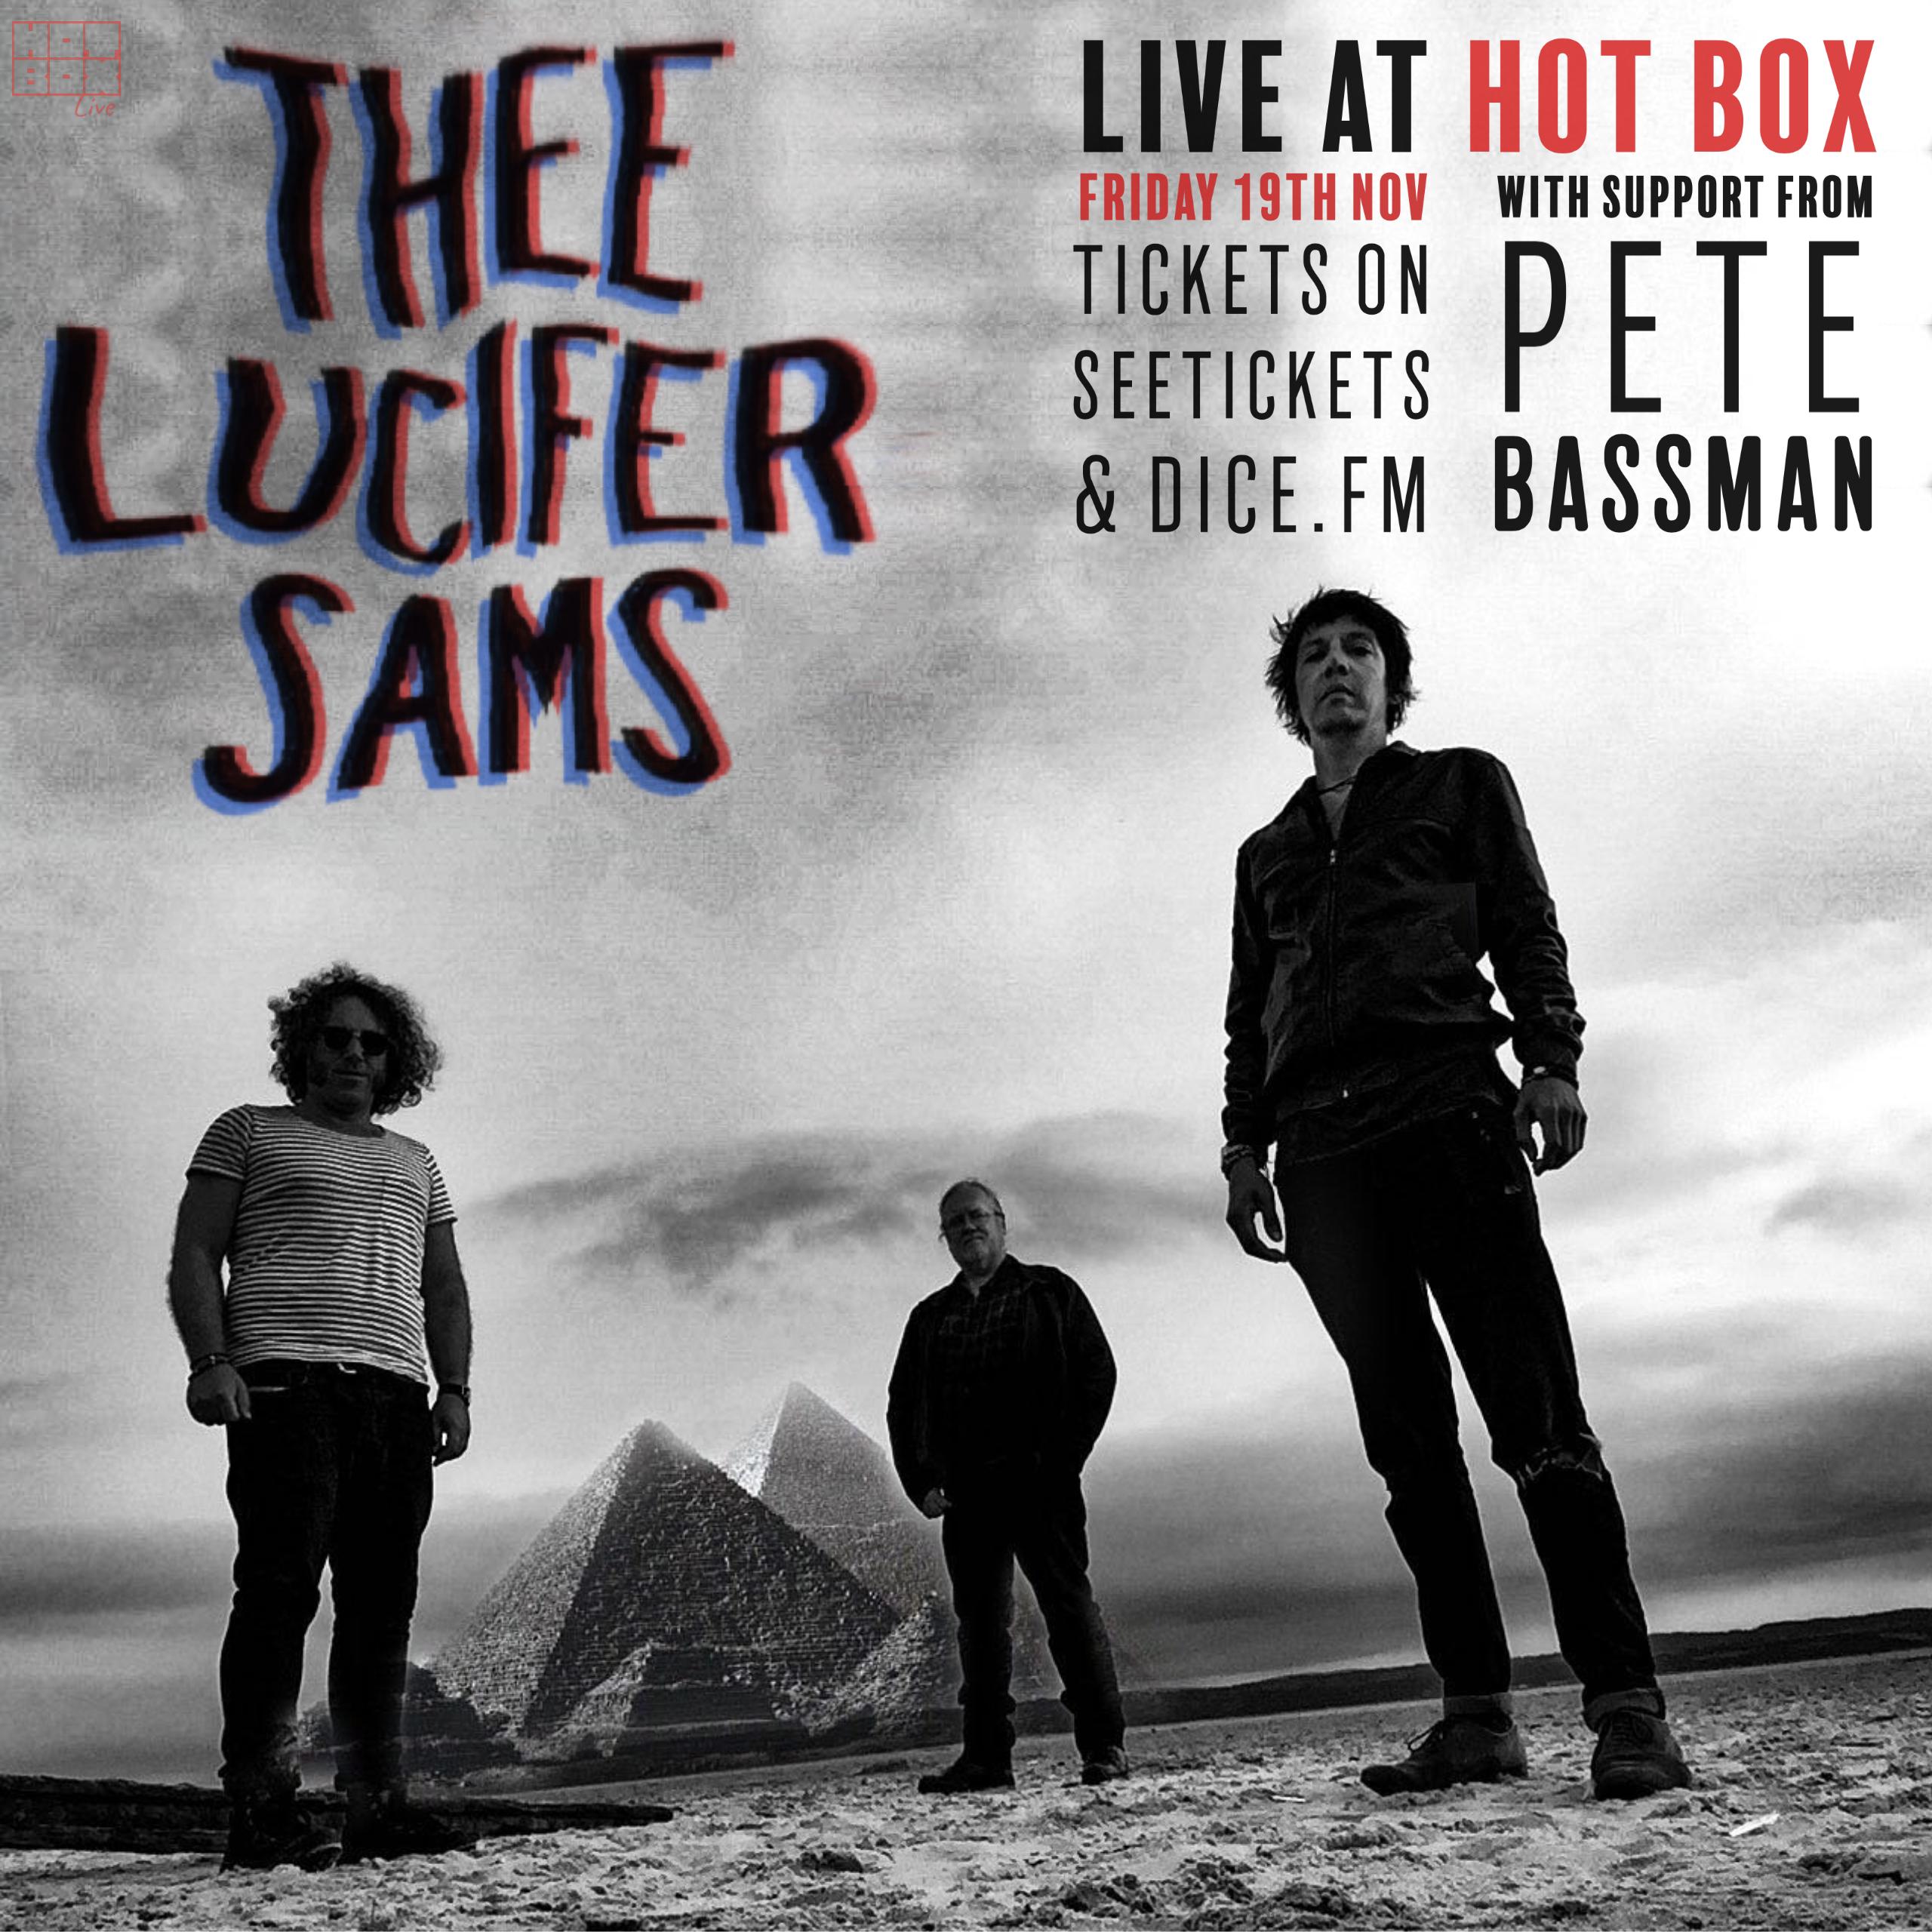 THEE LUCIFER SAMS / PETE BASSMAN